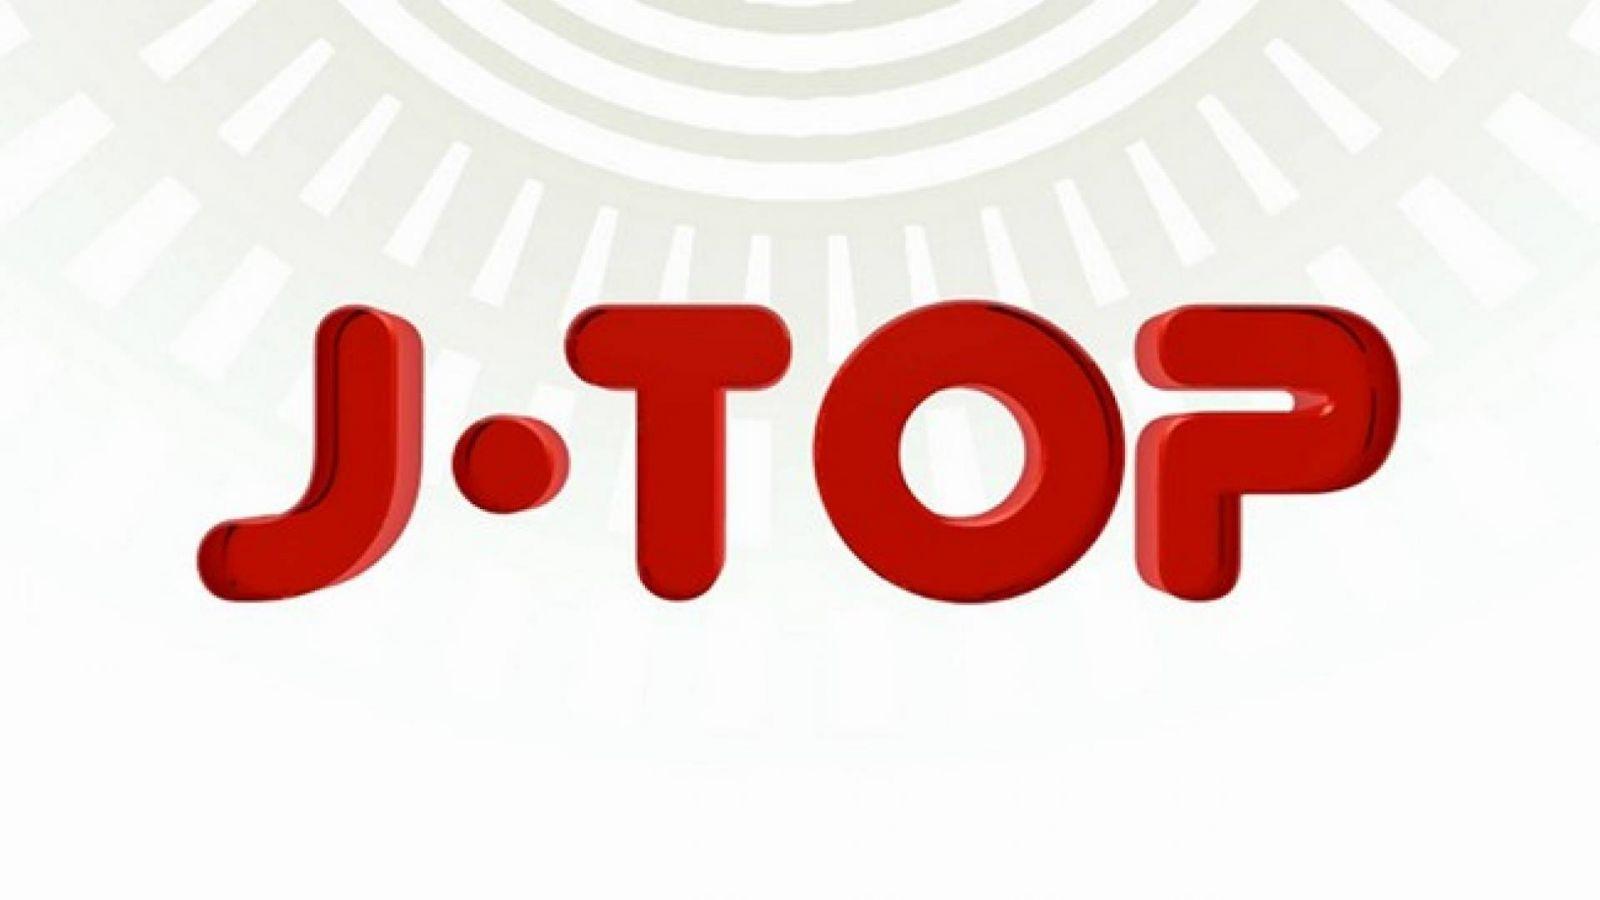 J-Top © Nolife